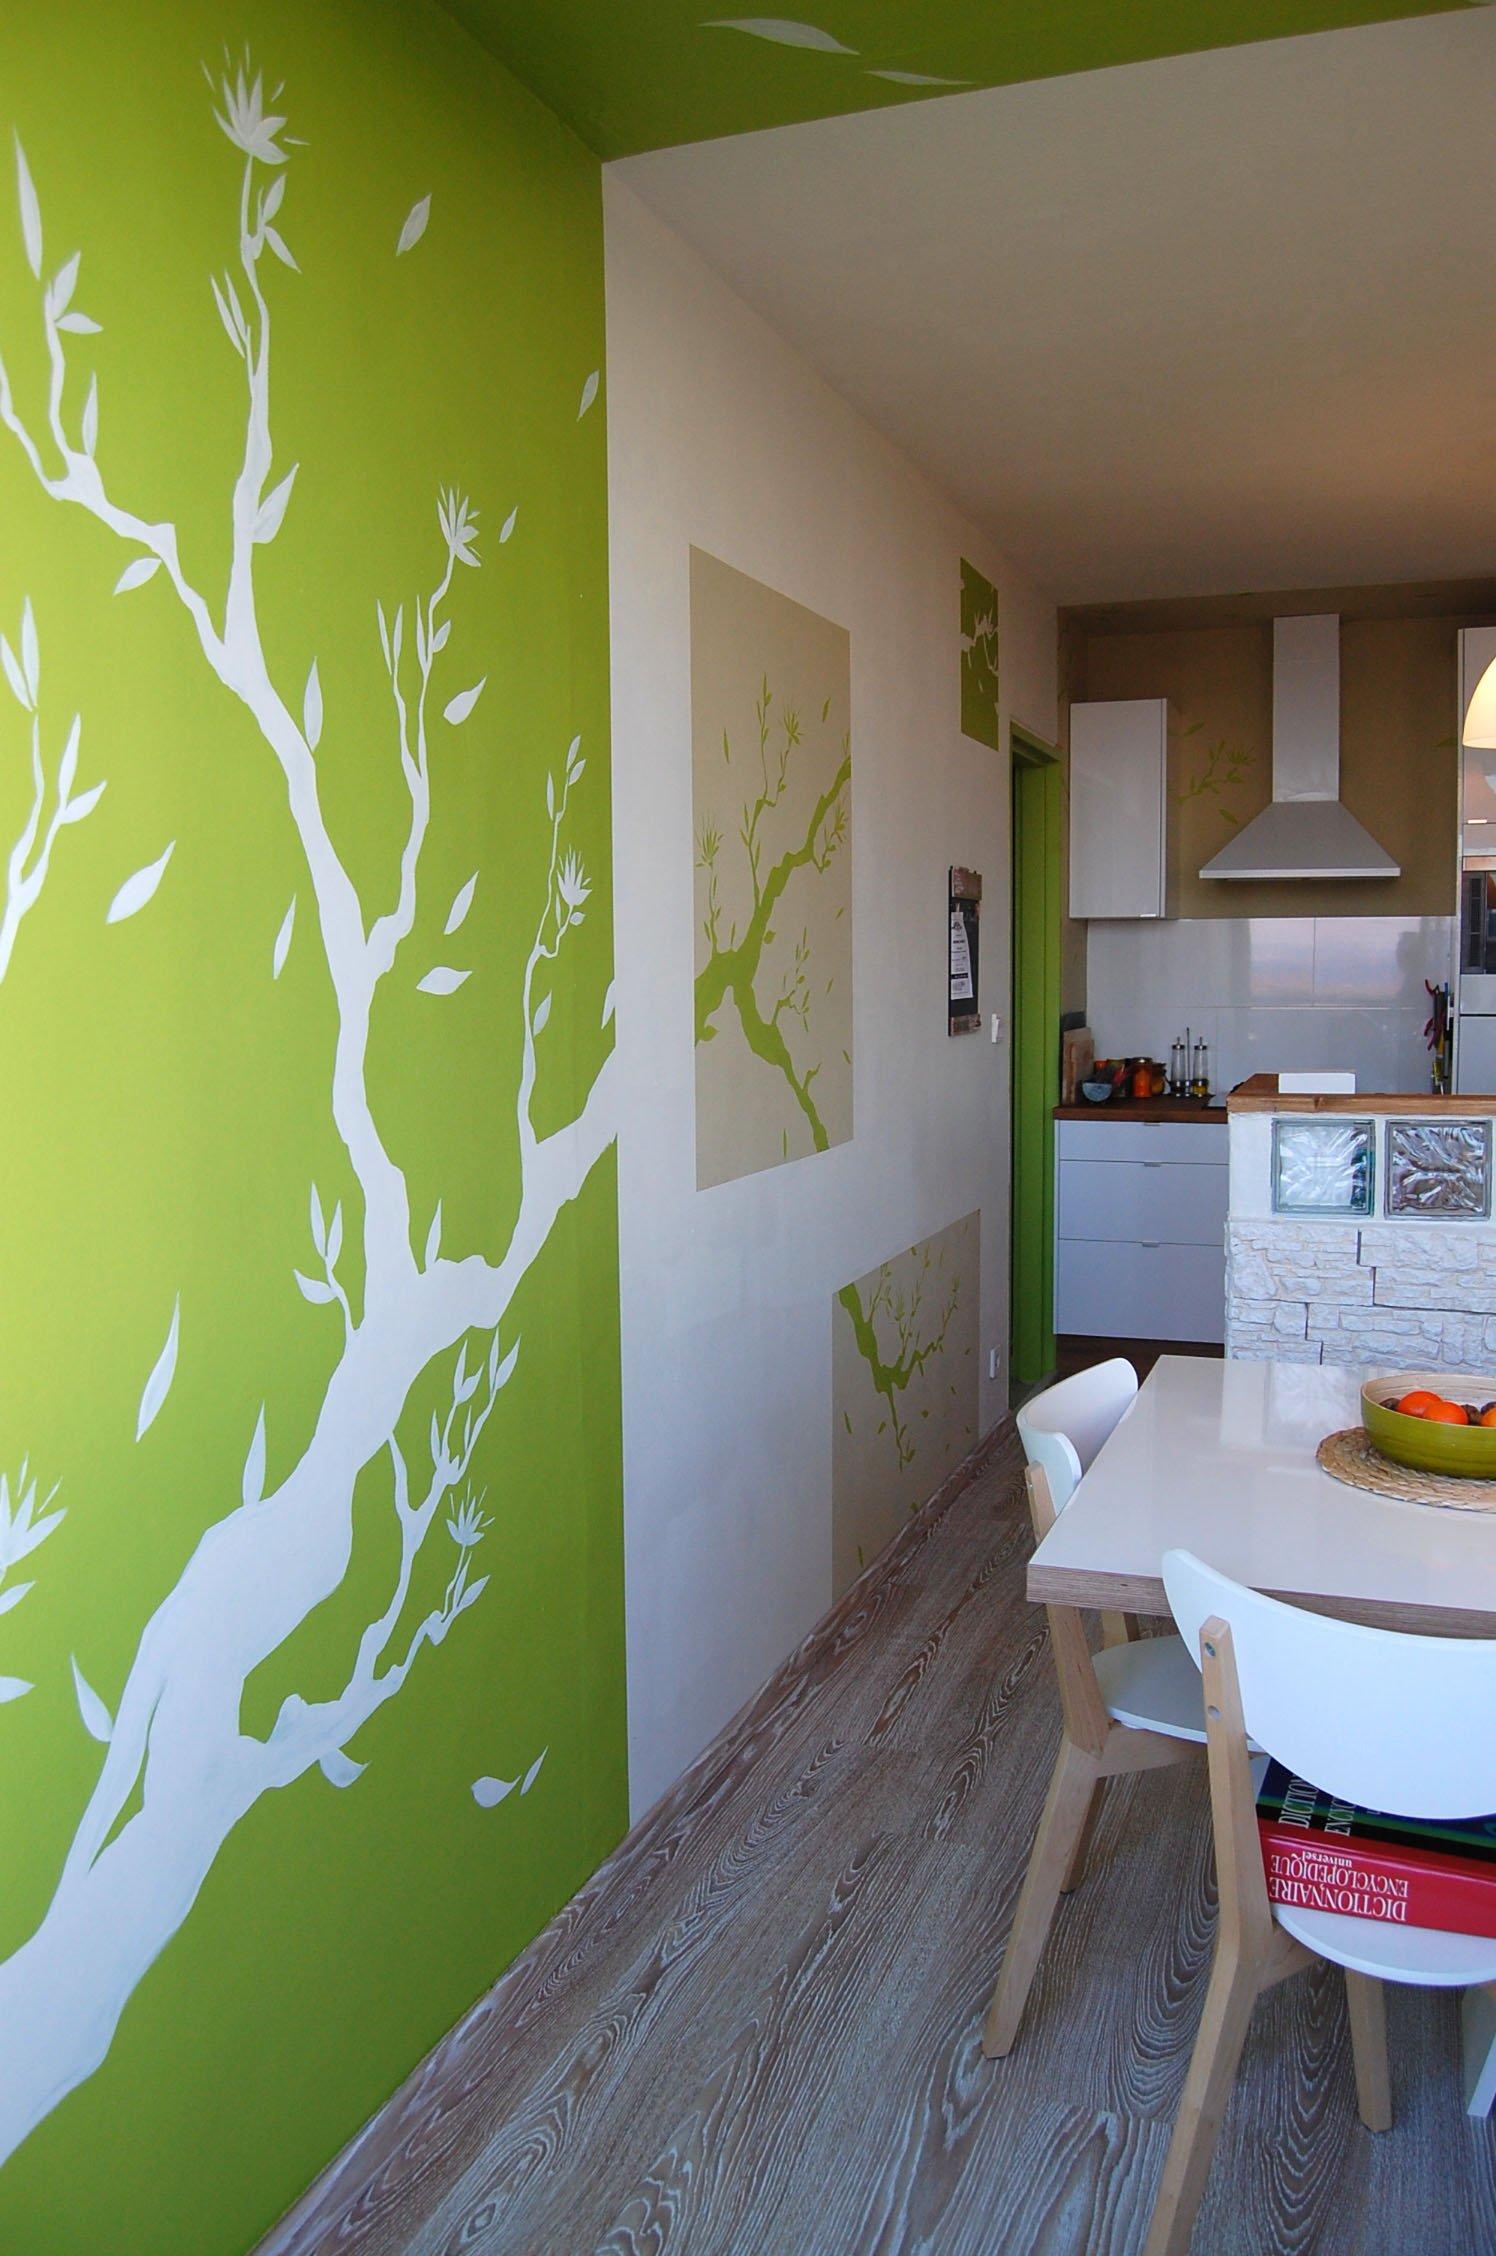 cuisine design dessin sur mur atelier mur 39 mur. Black Bedroom Furniture Sets. Home Design Ideas